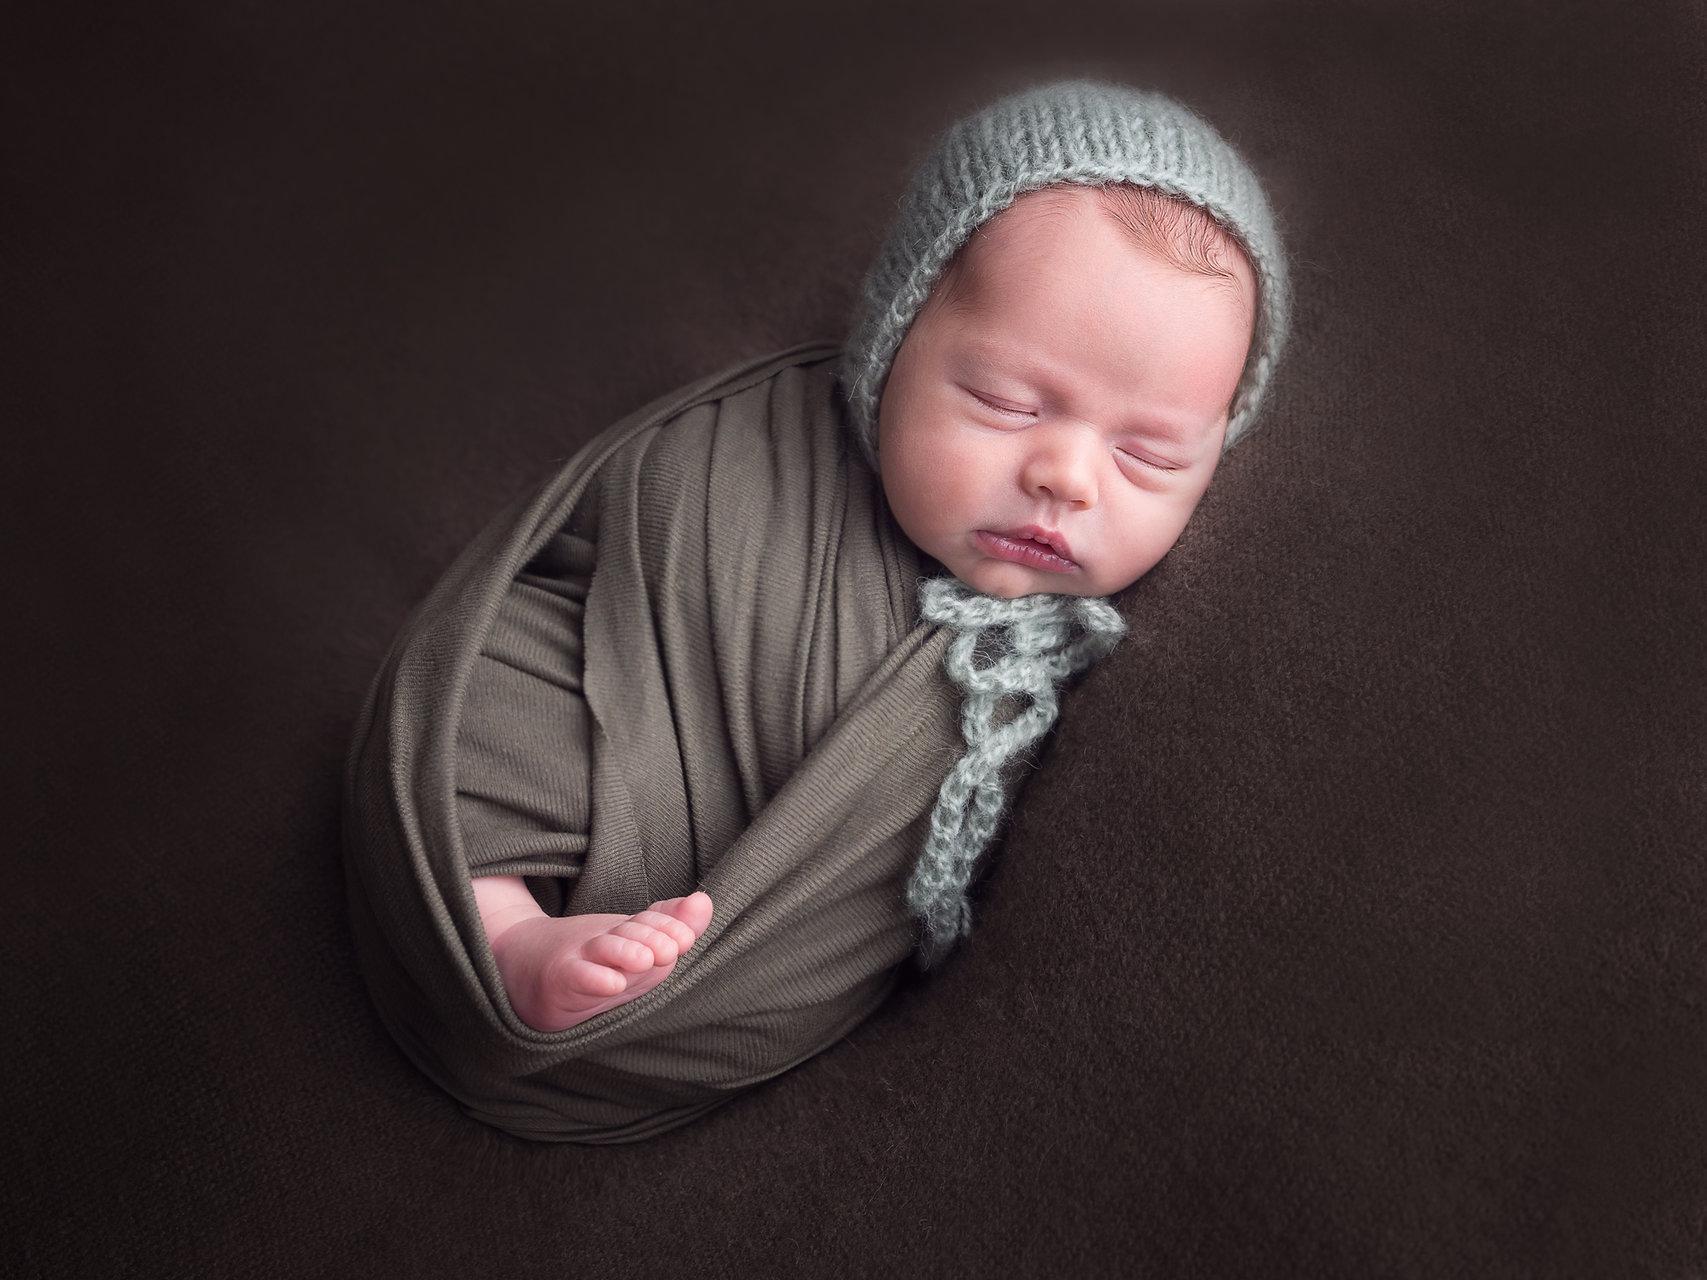 Бебе Йоан   Author мирела партинова - mirpar   PHOTO FORUM